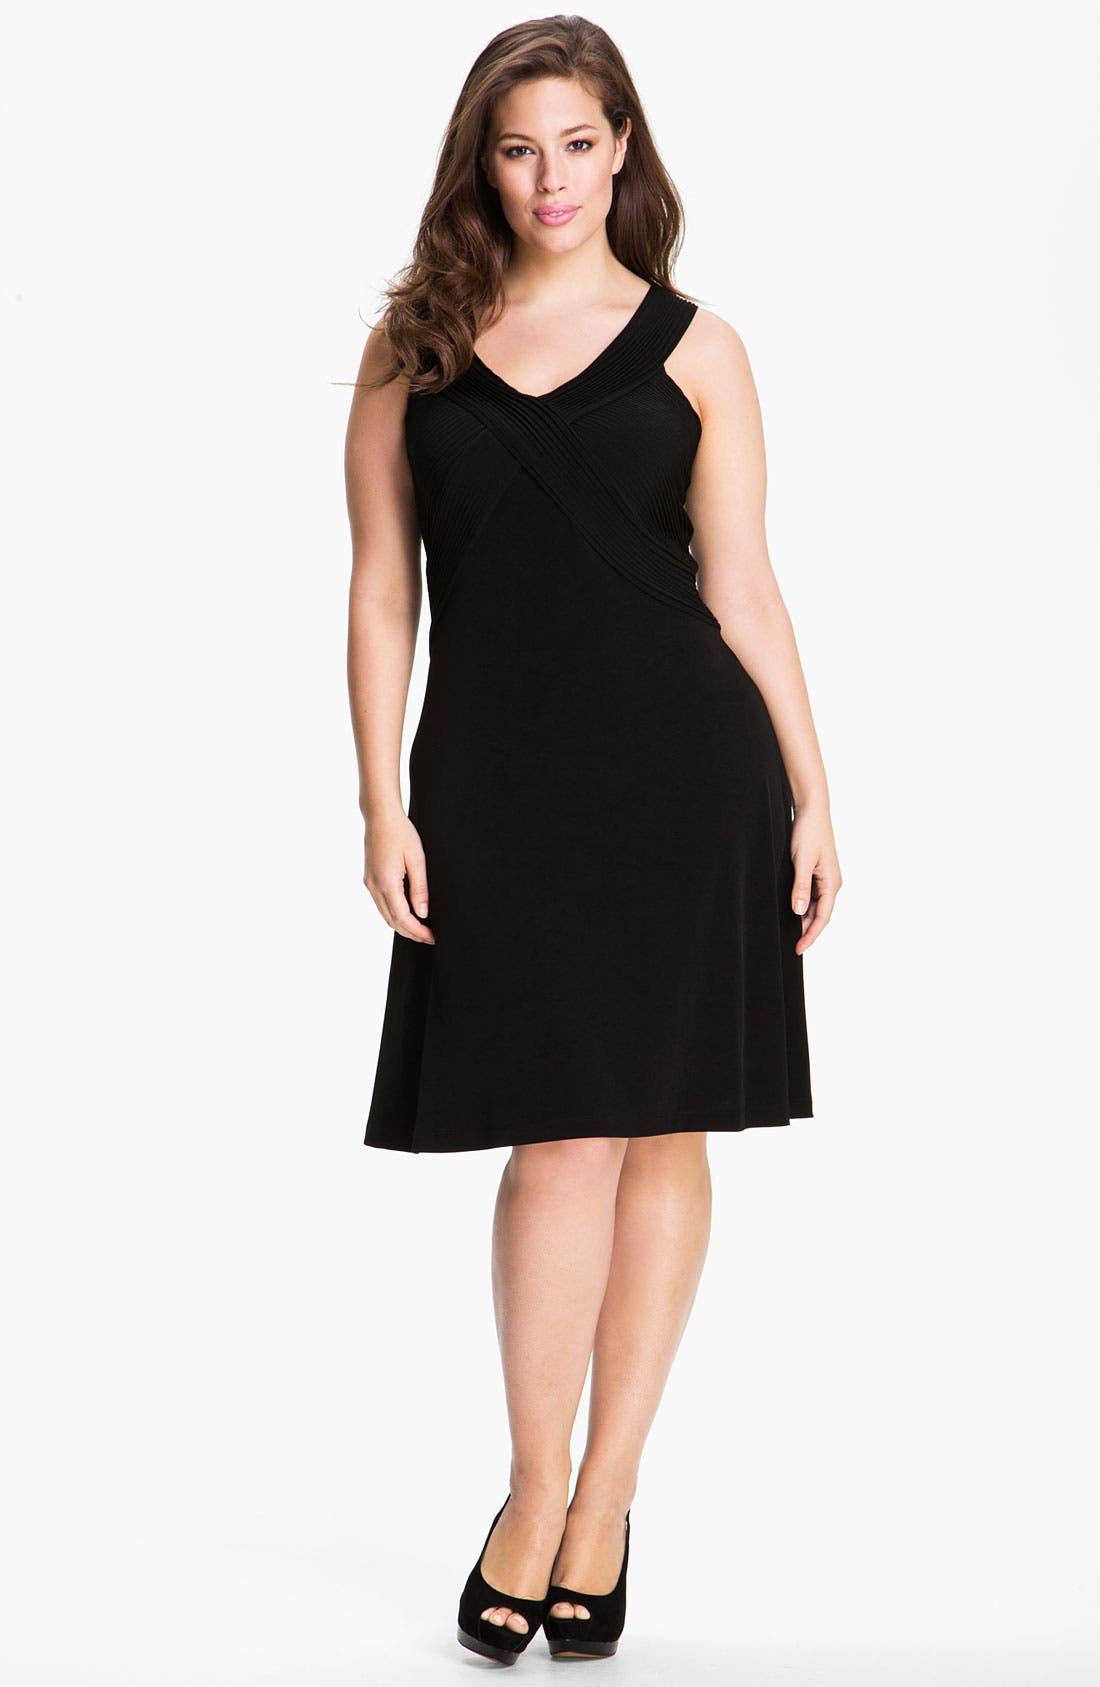 Alternate Image 1 Selected - Calvin Klein Crisscross Sleeveless Knit Dress (Plus)